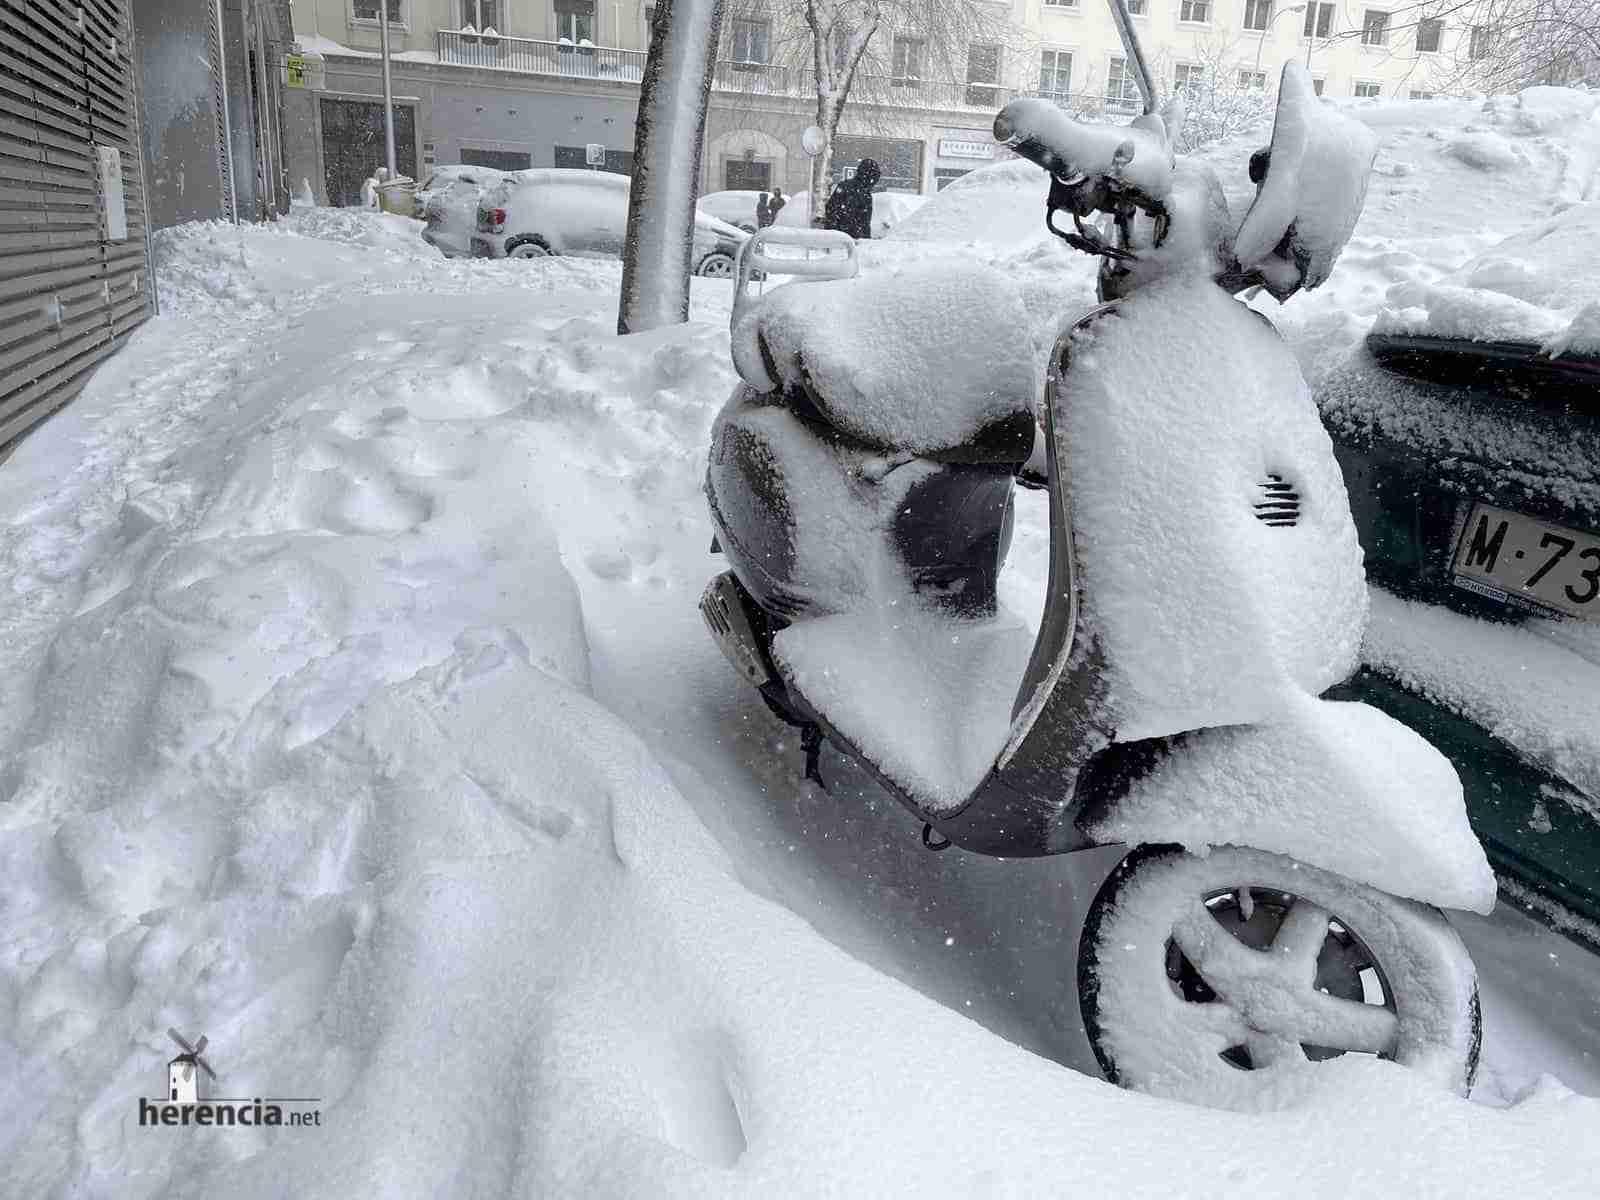 Fotografías de la nevada de enero en Madrid (España) 193